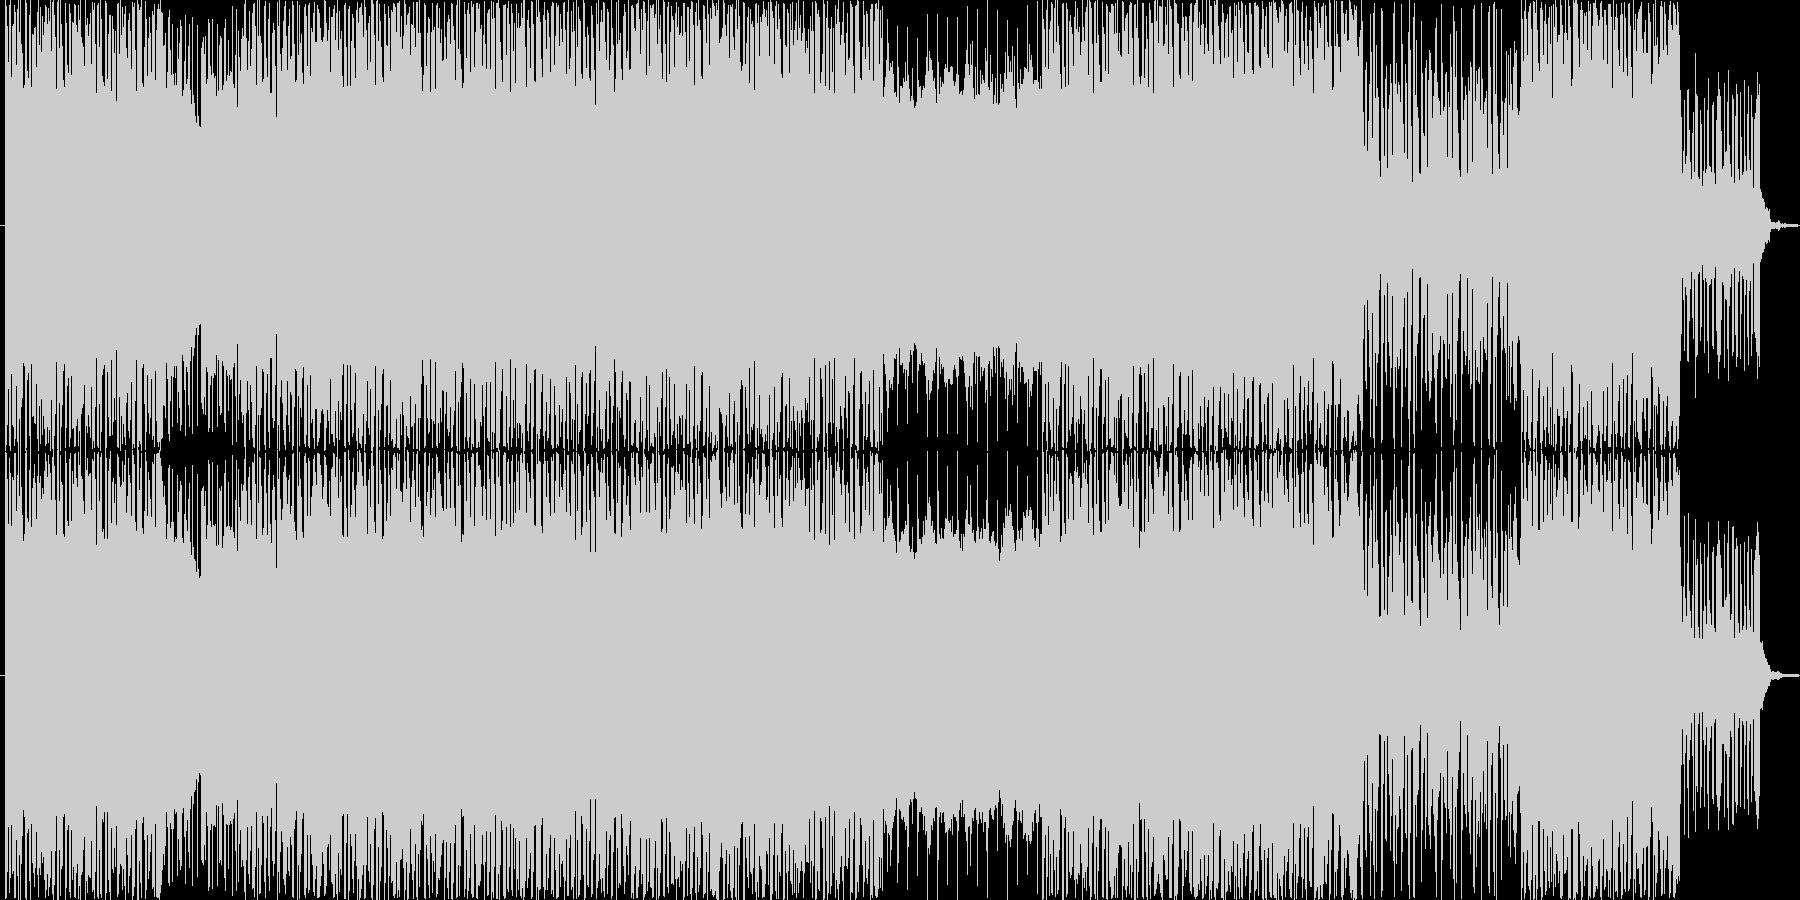 近未来なエレクトロニカ風ミュージックで…の未再生の波形